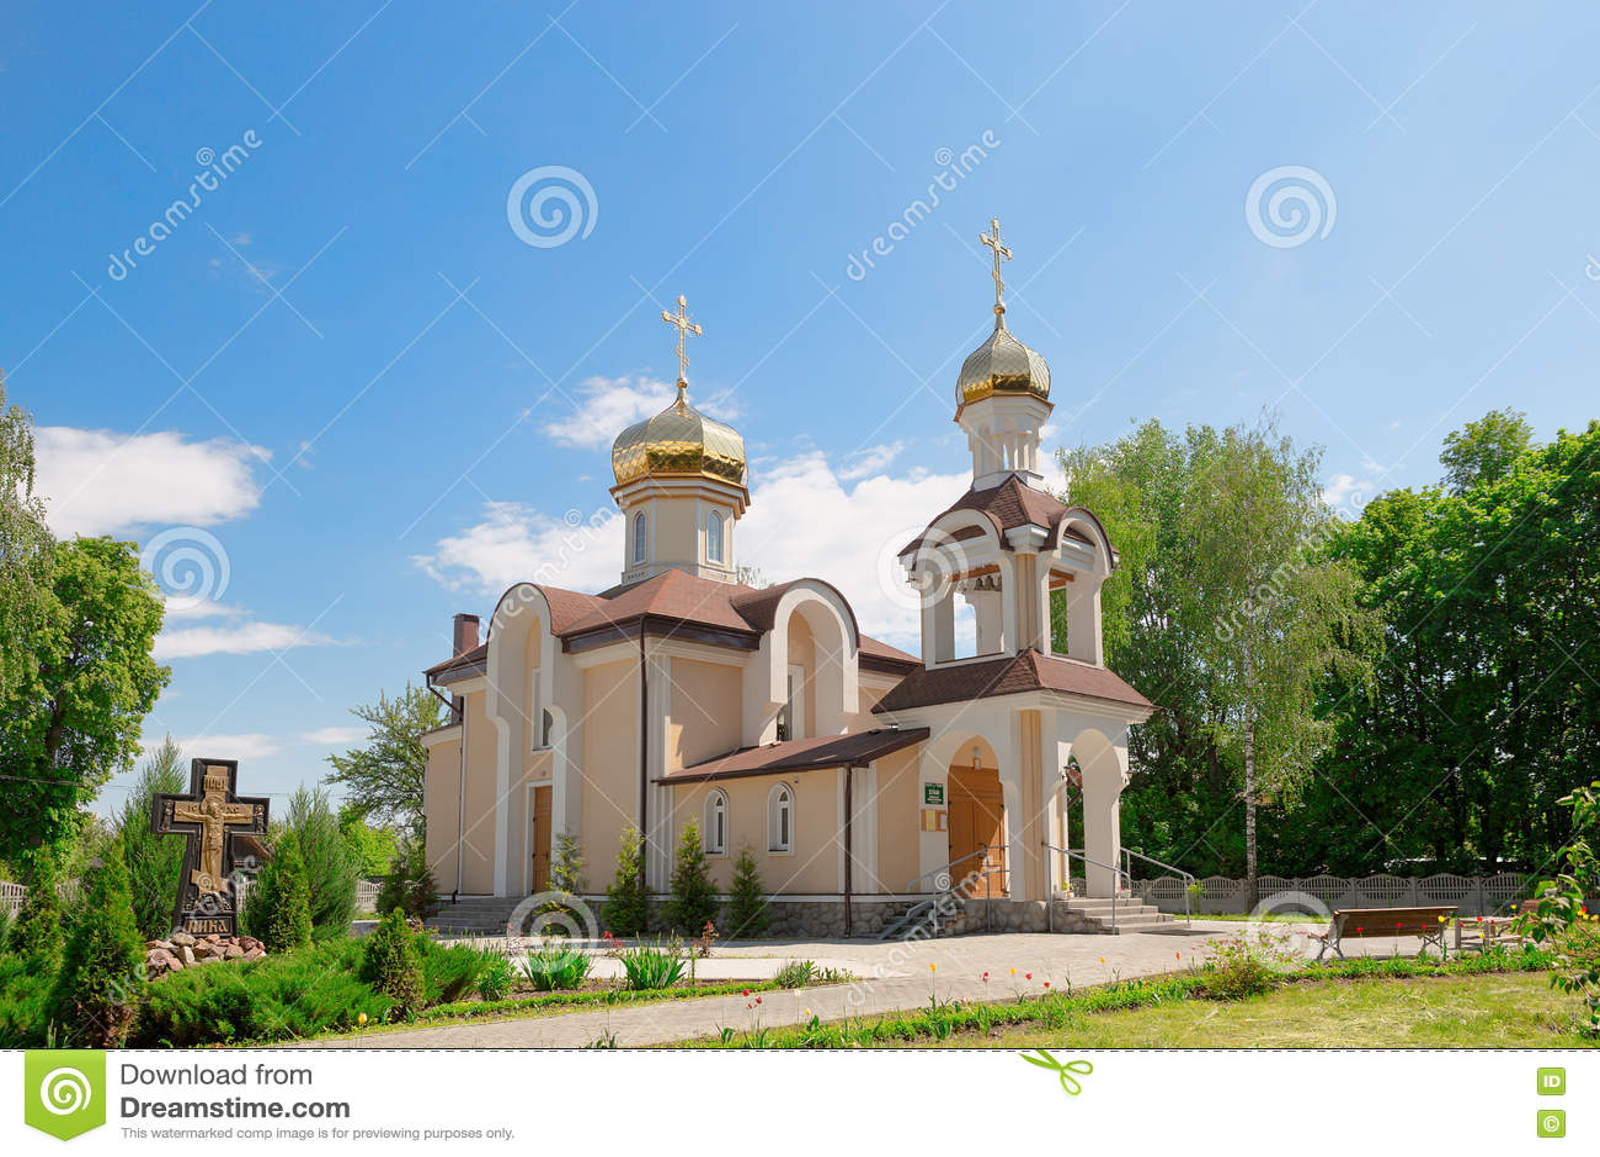 Εκκλησία του Άγιου Βασίλη στην περιοχή του χωριού Romanowicz Gomel, Λευκορωσία